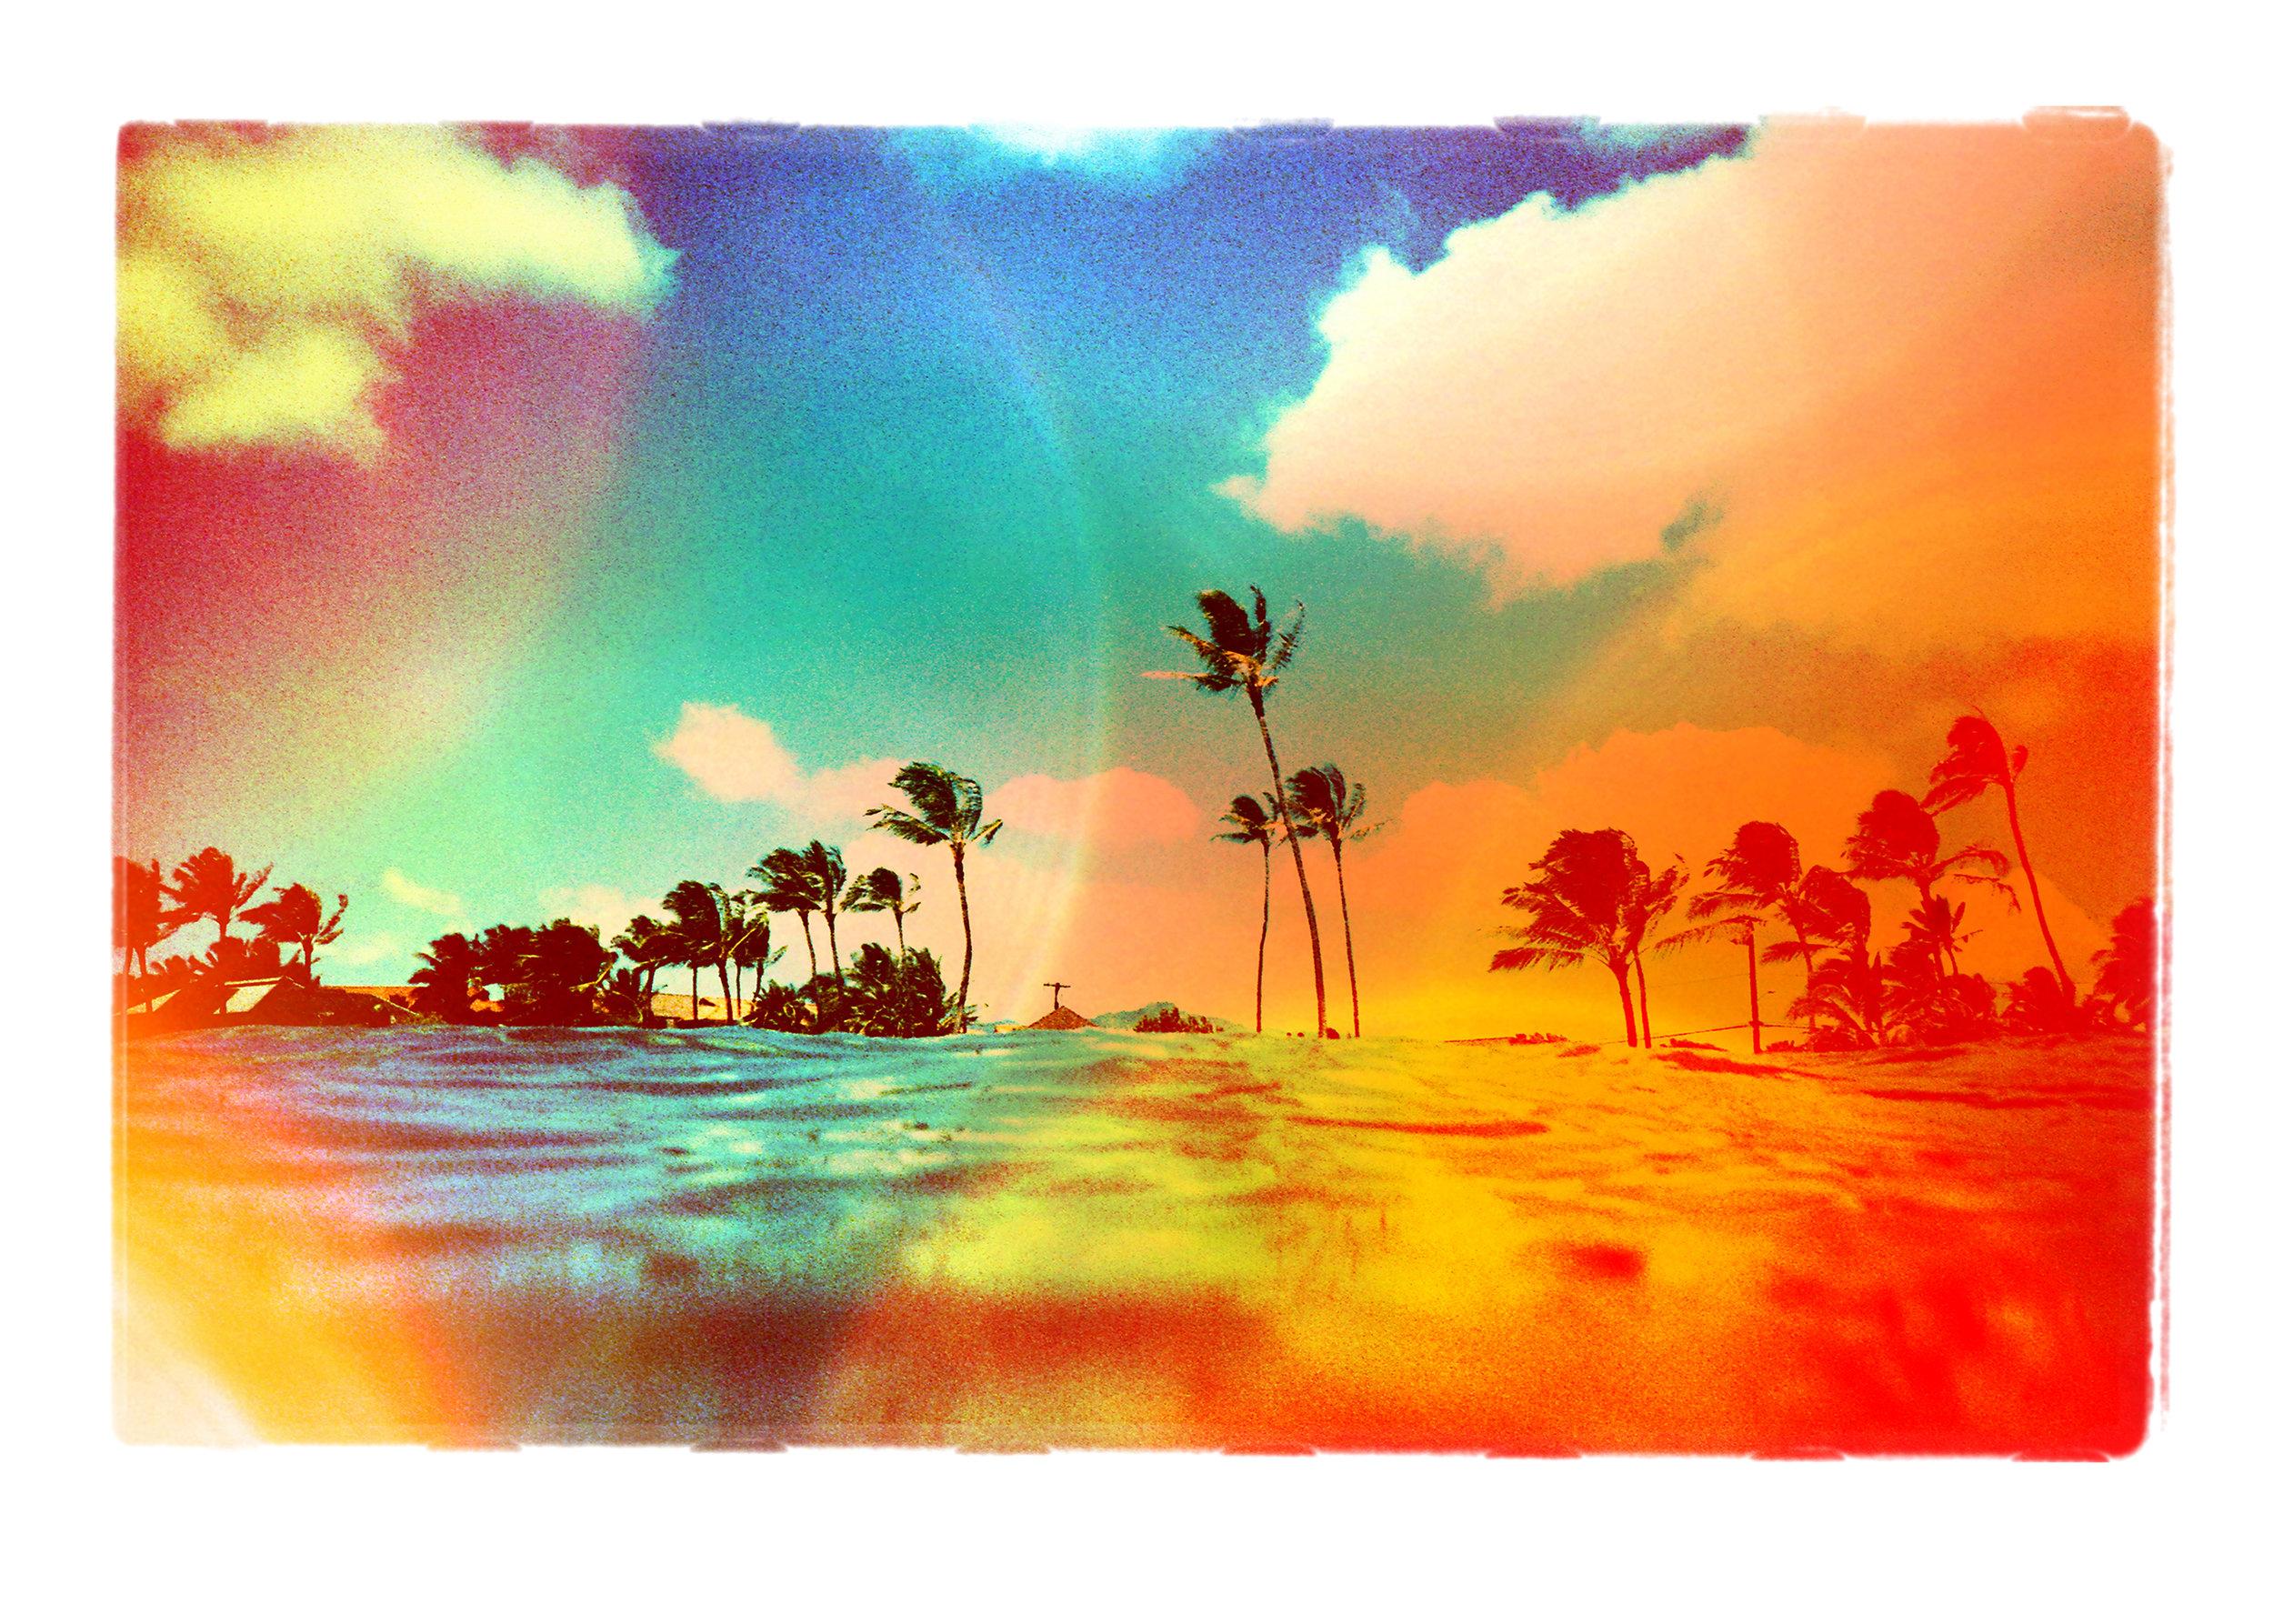 Tropics_MatthewAllen2.jpg